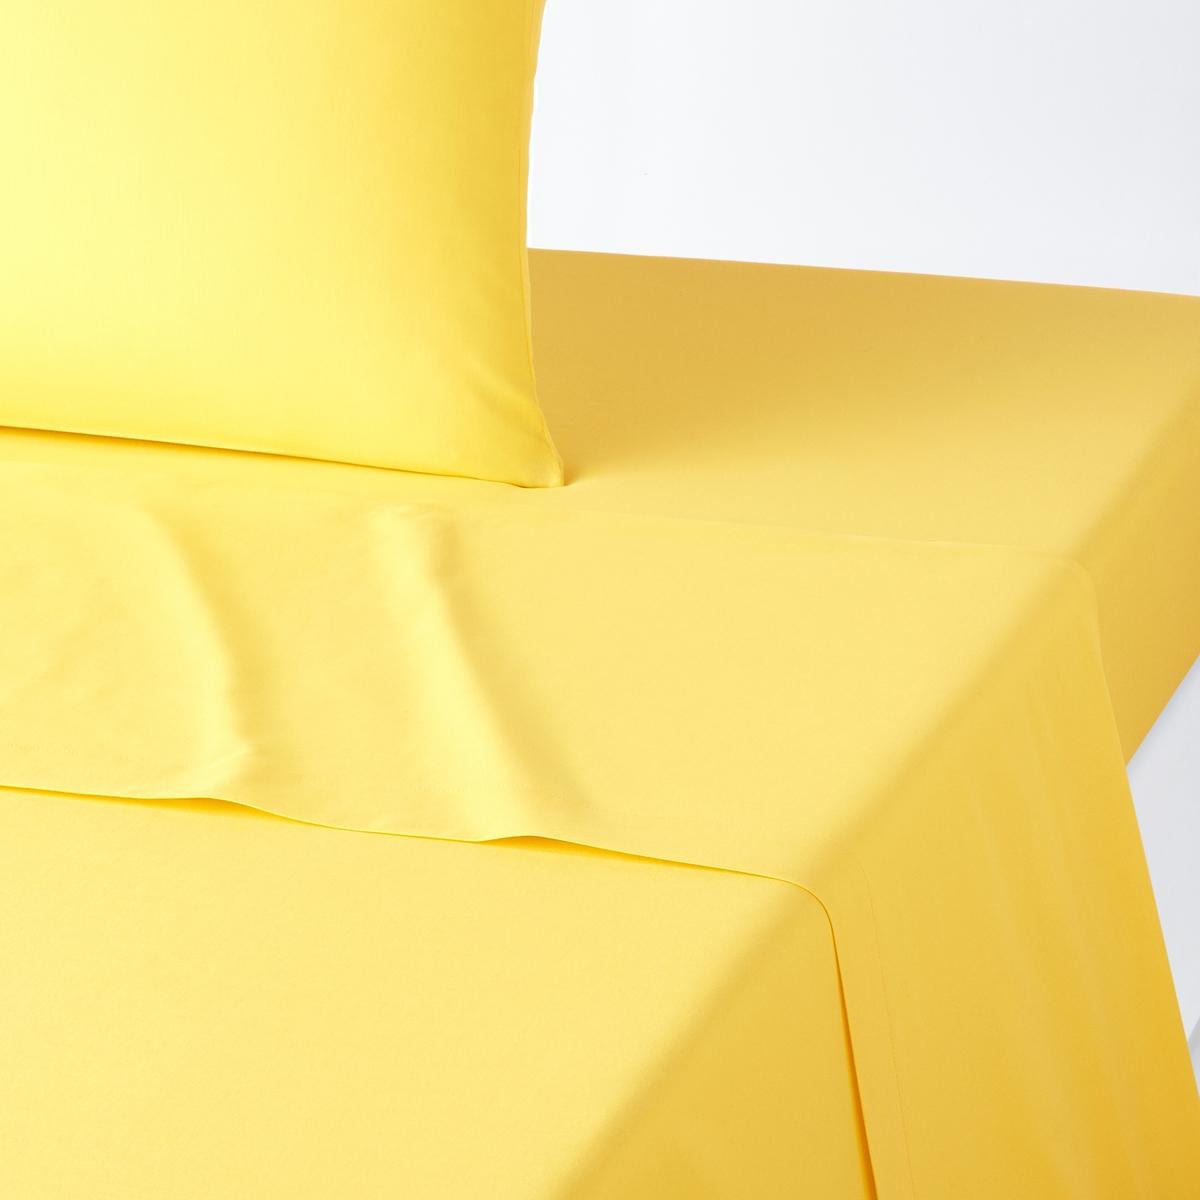 Простыня, 100% хлопокПростыня из 100% хлопка, ткань с плотным переплетением нитей .Отличная стойкость цвета при стирке при 60°. 57 нитей/см? : чем больше нитей/см?, тем выше качество материалаПроизводство осуществляется с учетом стандартов по защите окружающей среды и здоровья человека, что подтверждено сертификатом Oeko-tex®.  . Простыня :150 x 250 см: 1-сп . 1-сп??180 x 290 см: 1-сп .240 х 290 см : 2-сп.270 x 290 см : 2-сп.Ищите комплект постельного белья SC?NARIO на нашем сайте<br><br>Цвет: желтый лимонный